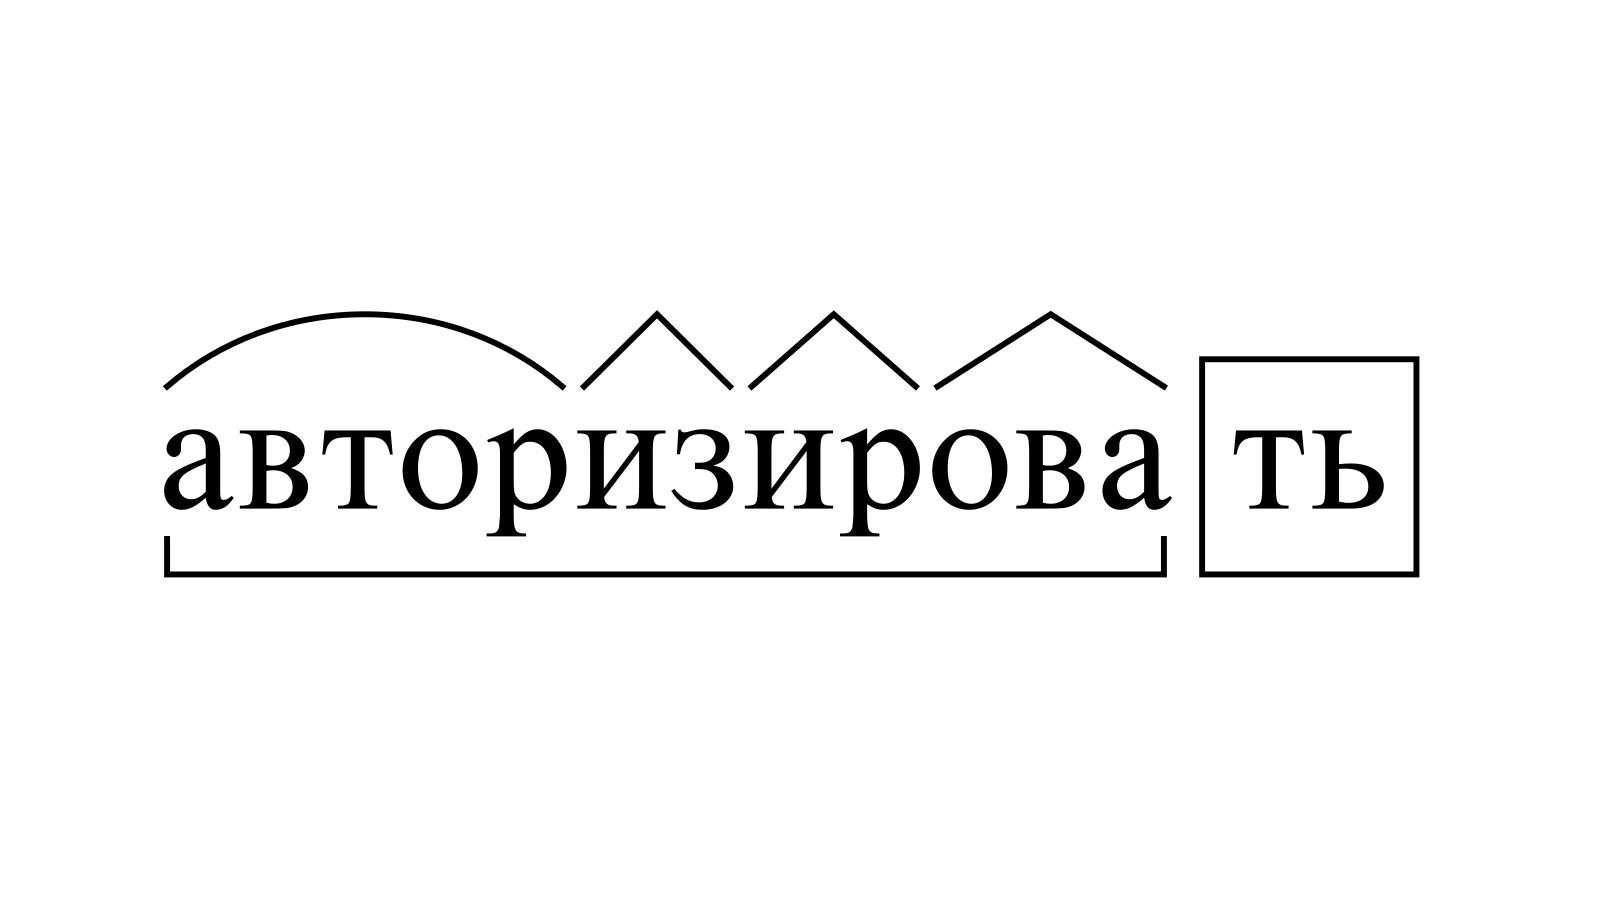 Разбор слова «авторизировать» по составу